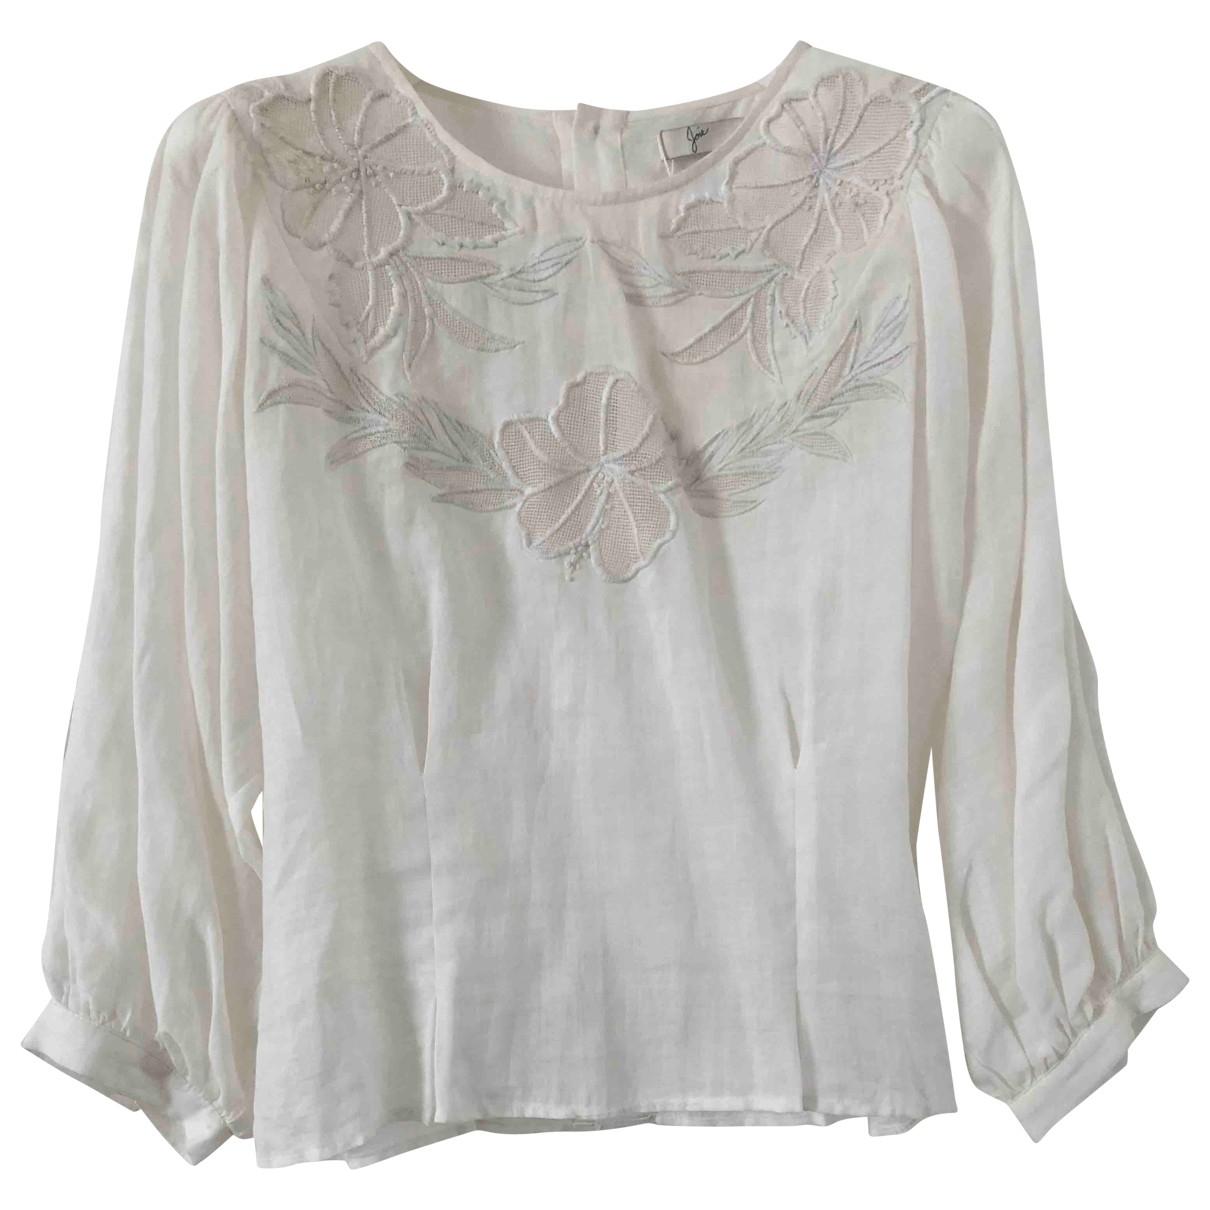 Joie - Top   pour femme en coton - blanc